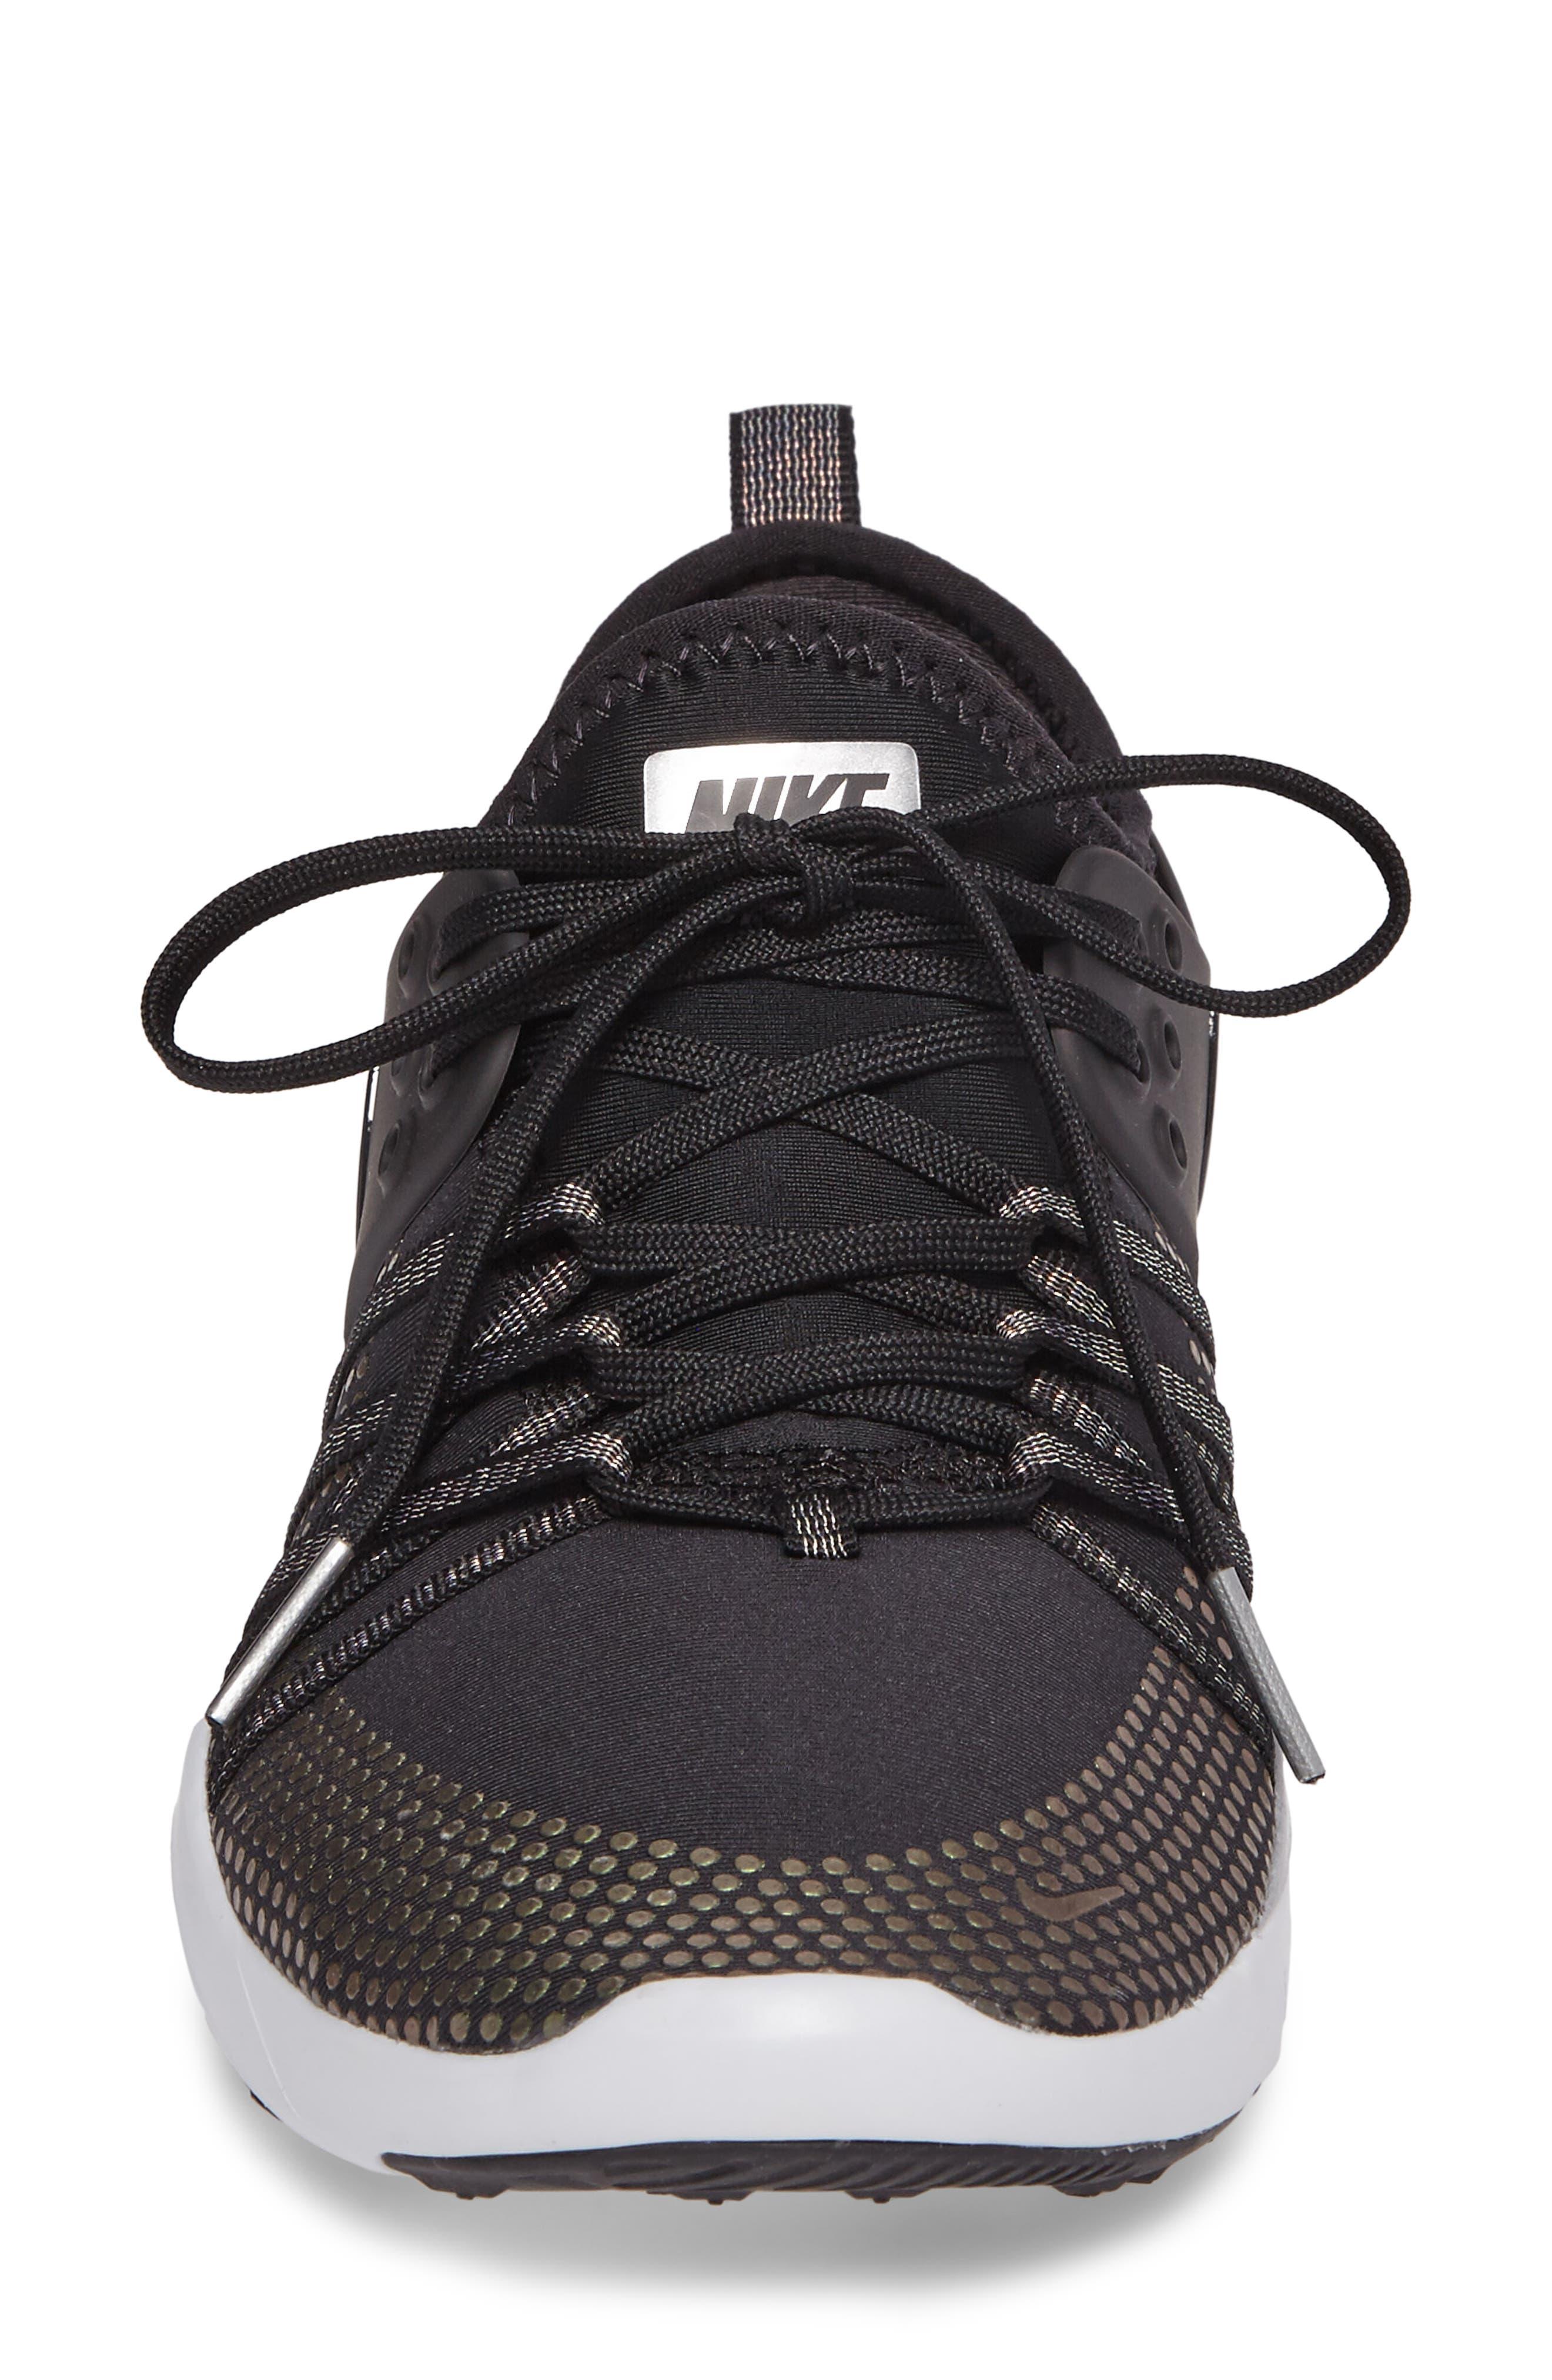 Free TR 7 Metallic Training Shoe,                             Alternate thumbnail 4, color,                             Black/ Black/ Pure Platinum